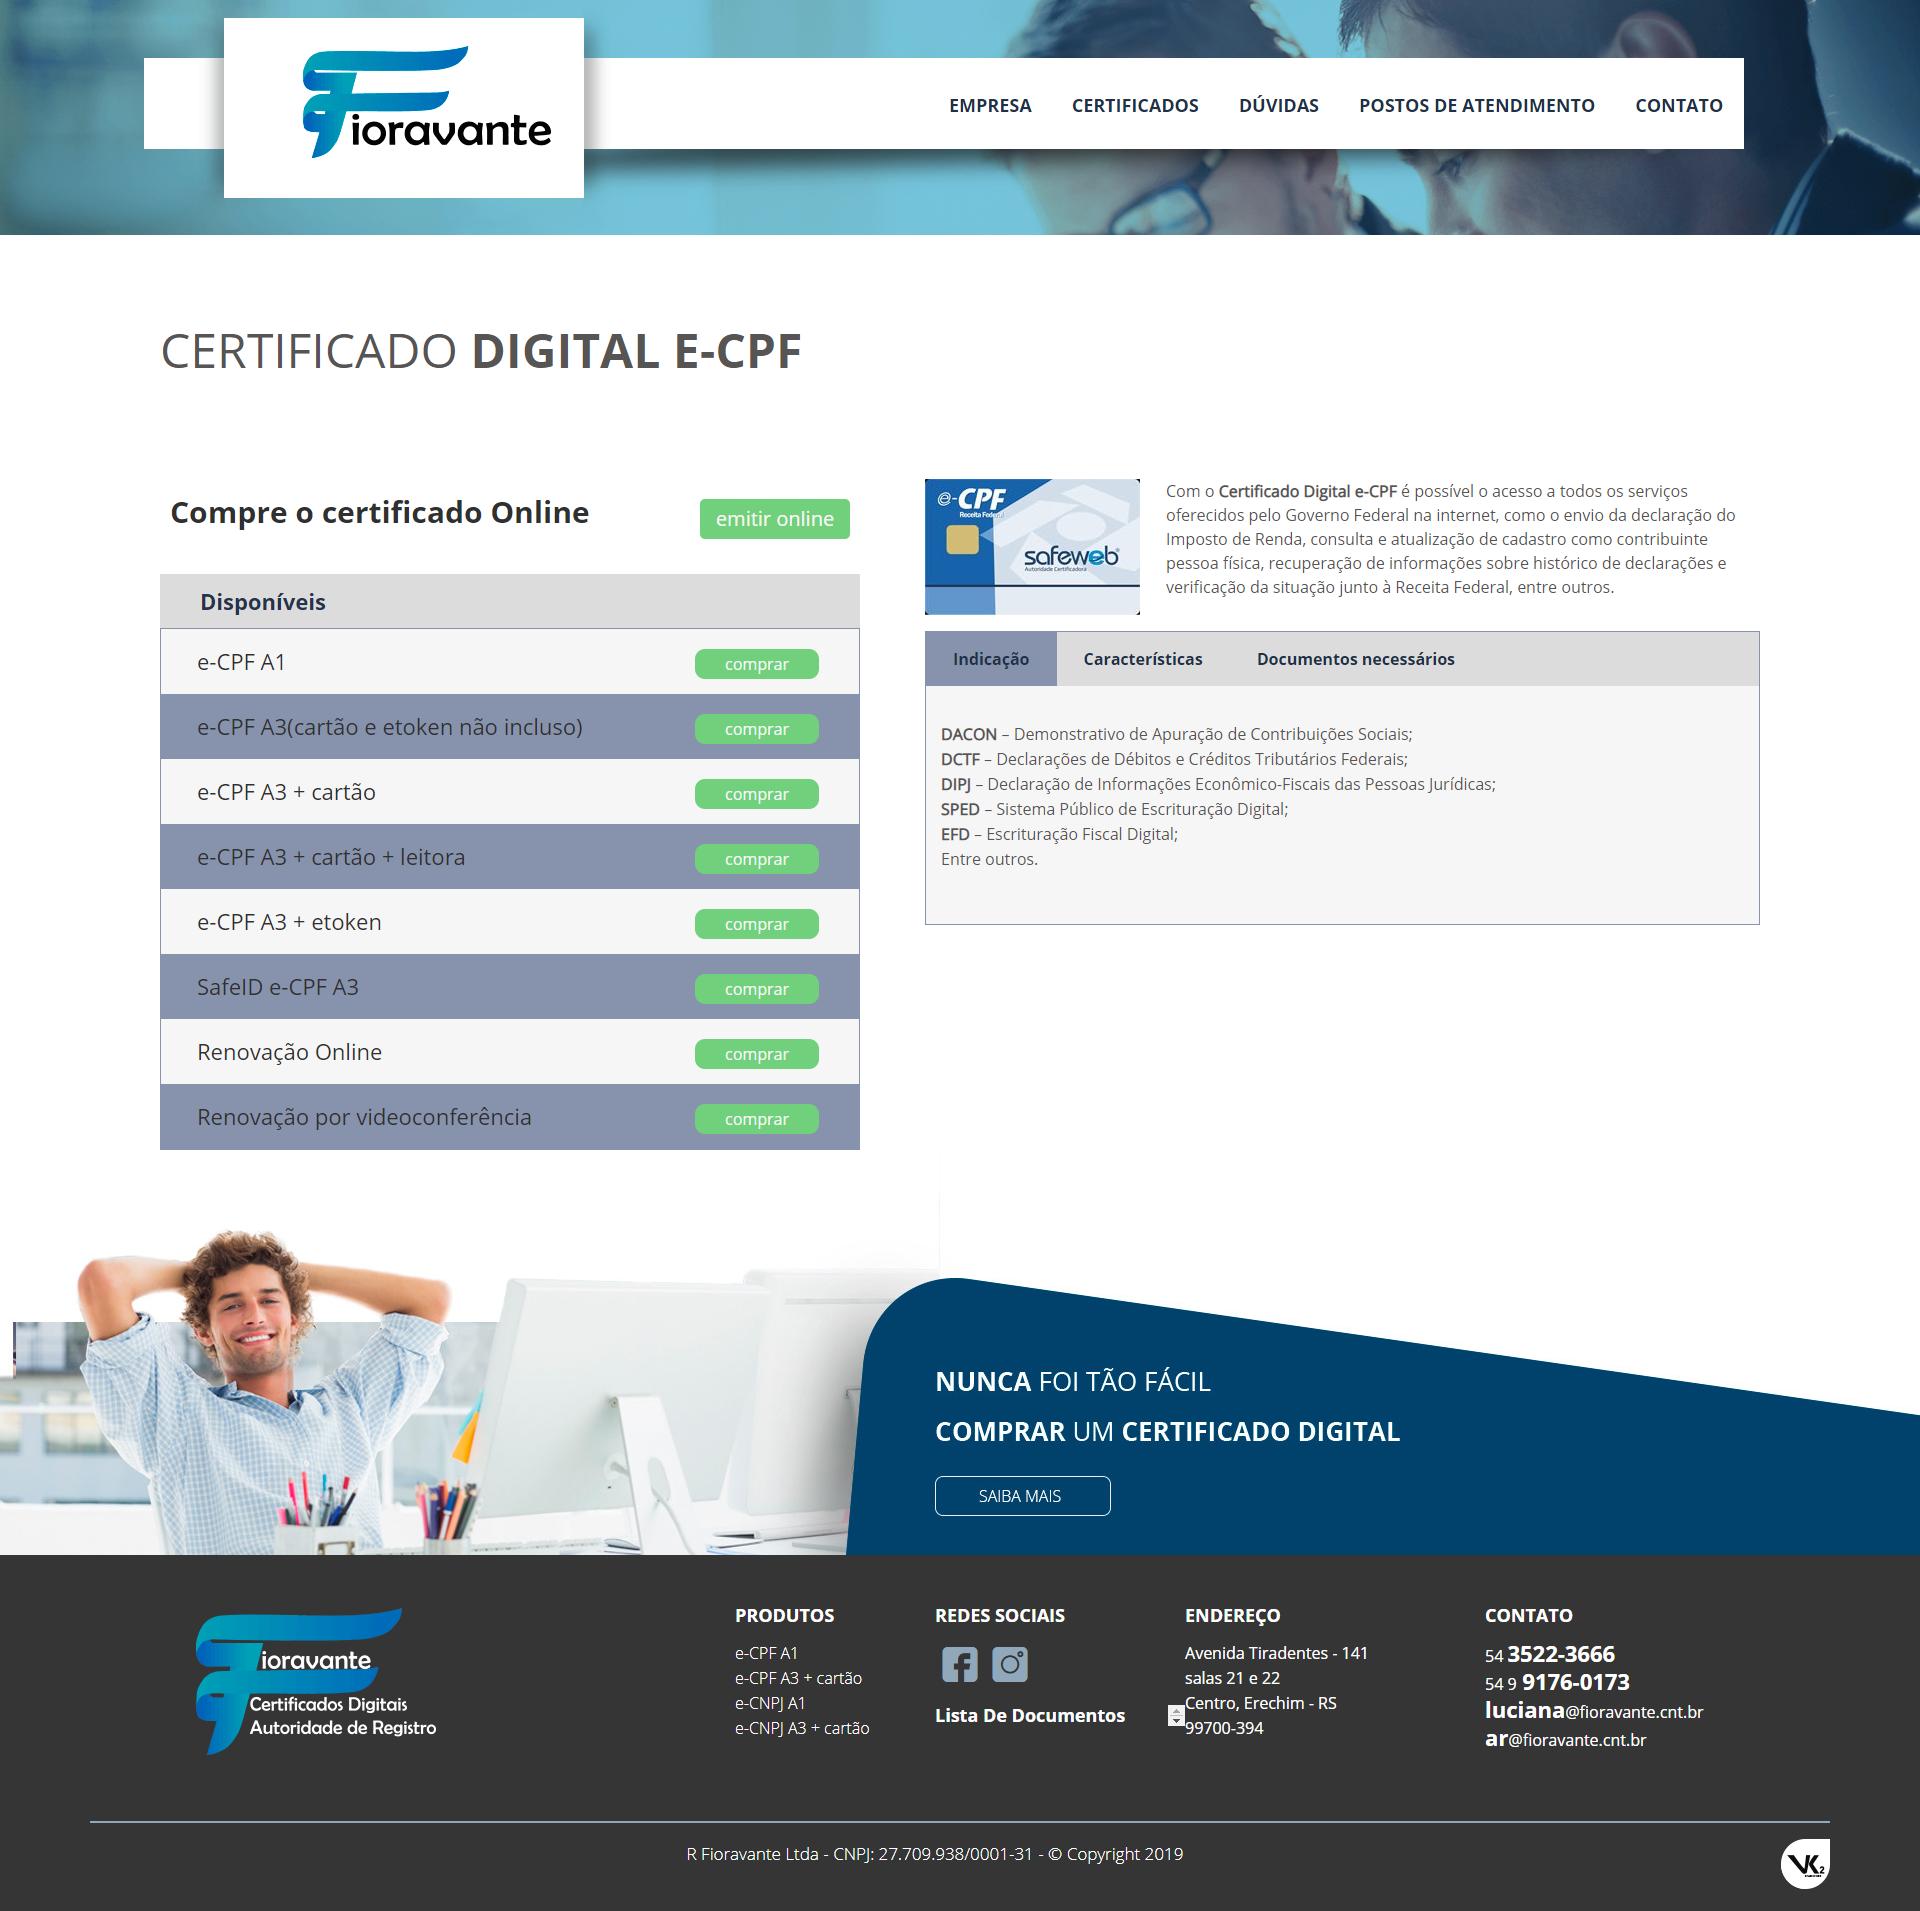 Imagem do trabalho screencapture_fioravante_cnt_br_certificado_1_e_CPF_2020_10_28_16_41_44.png